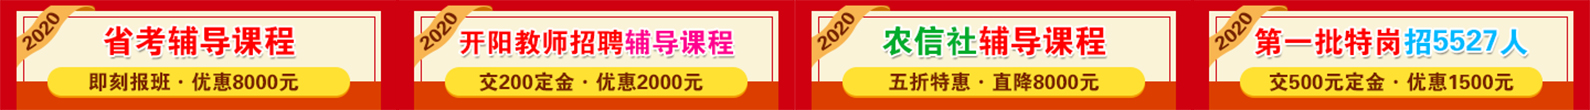 2020贵州省公务员考试